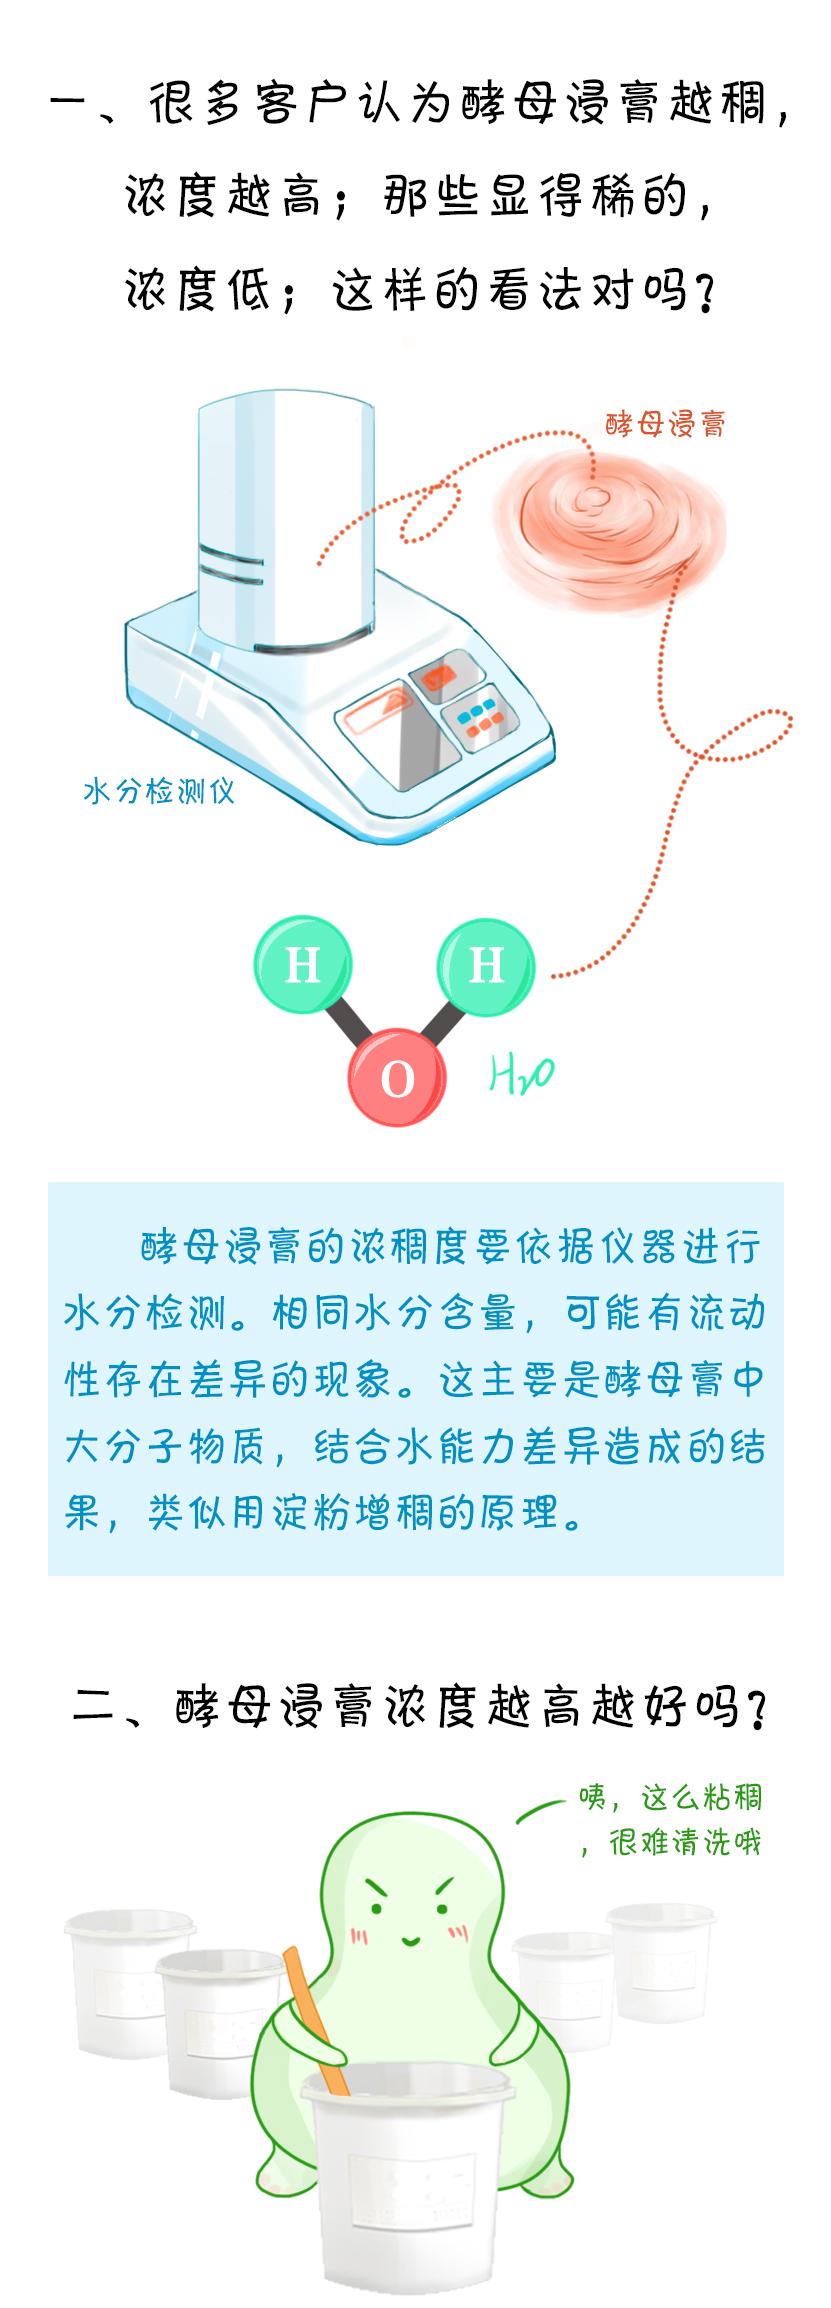 怎么正确认识酵母浸粉和酵母浸膏 1.jpg